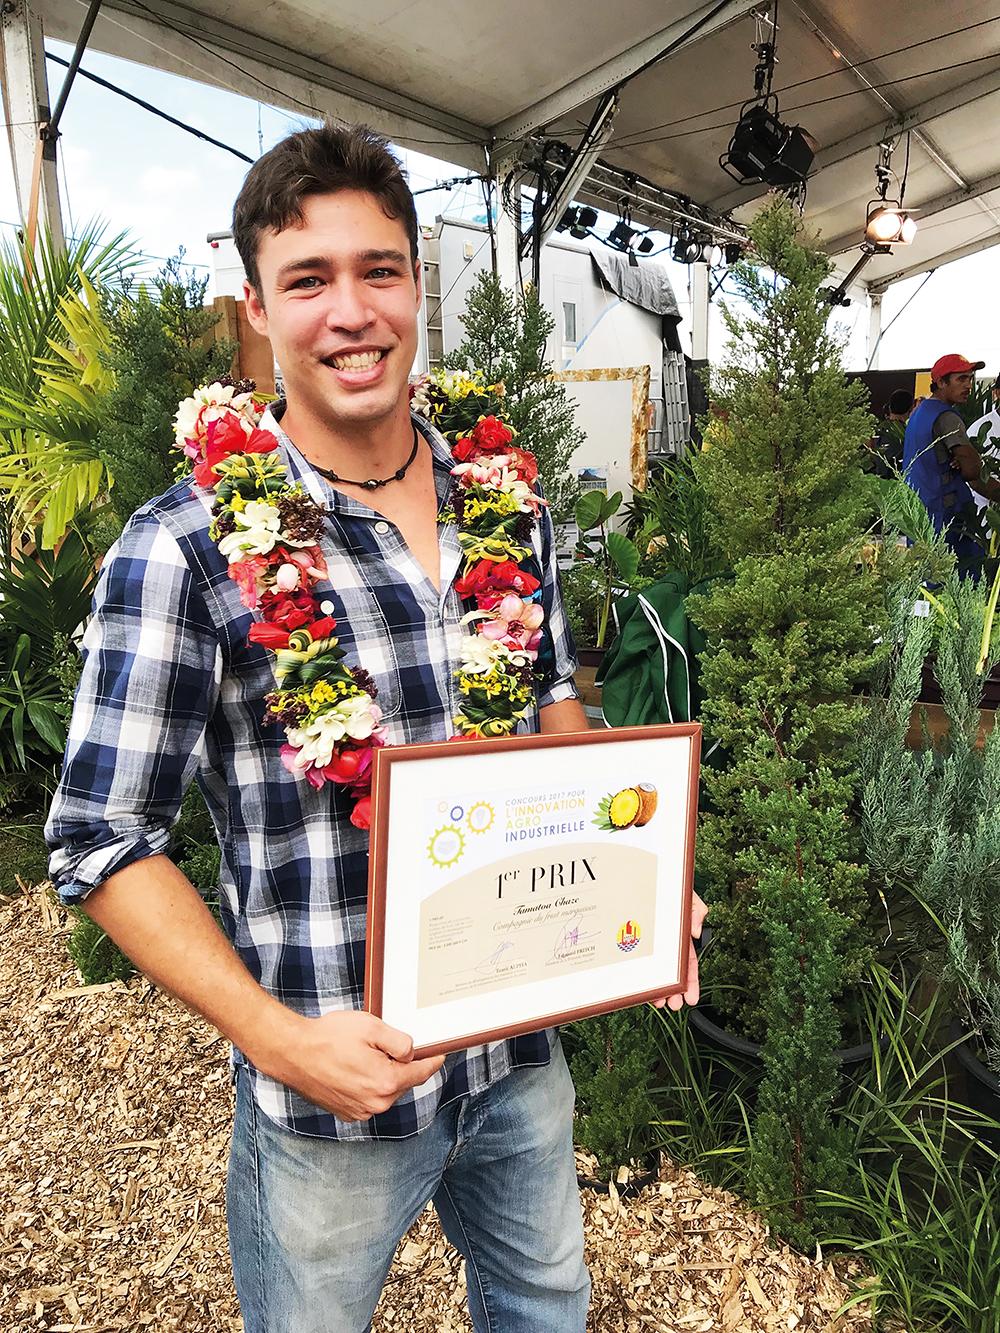 Tamatoa Chaze, premier prix du concours 2017 pour l'innovation agro-industrielle.